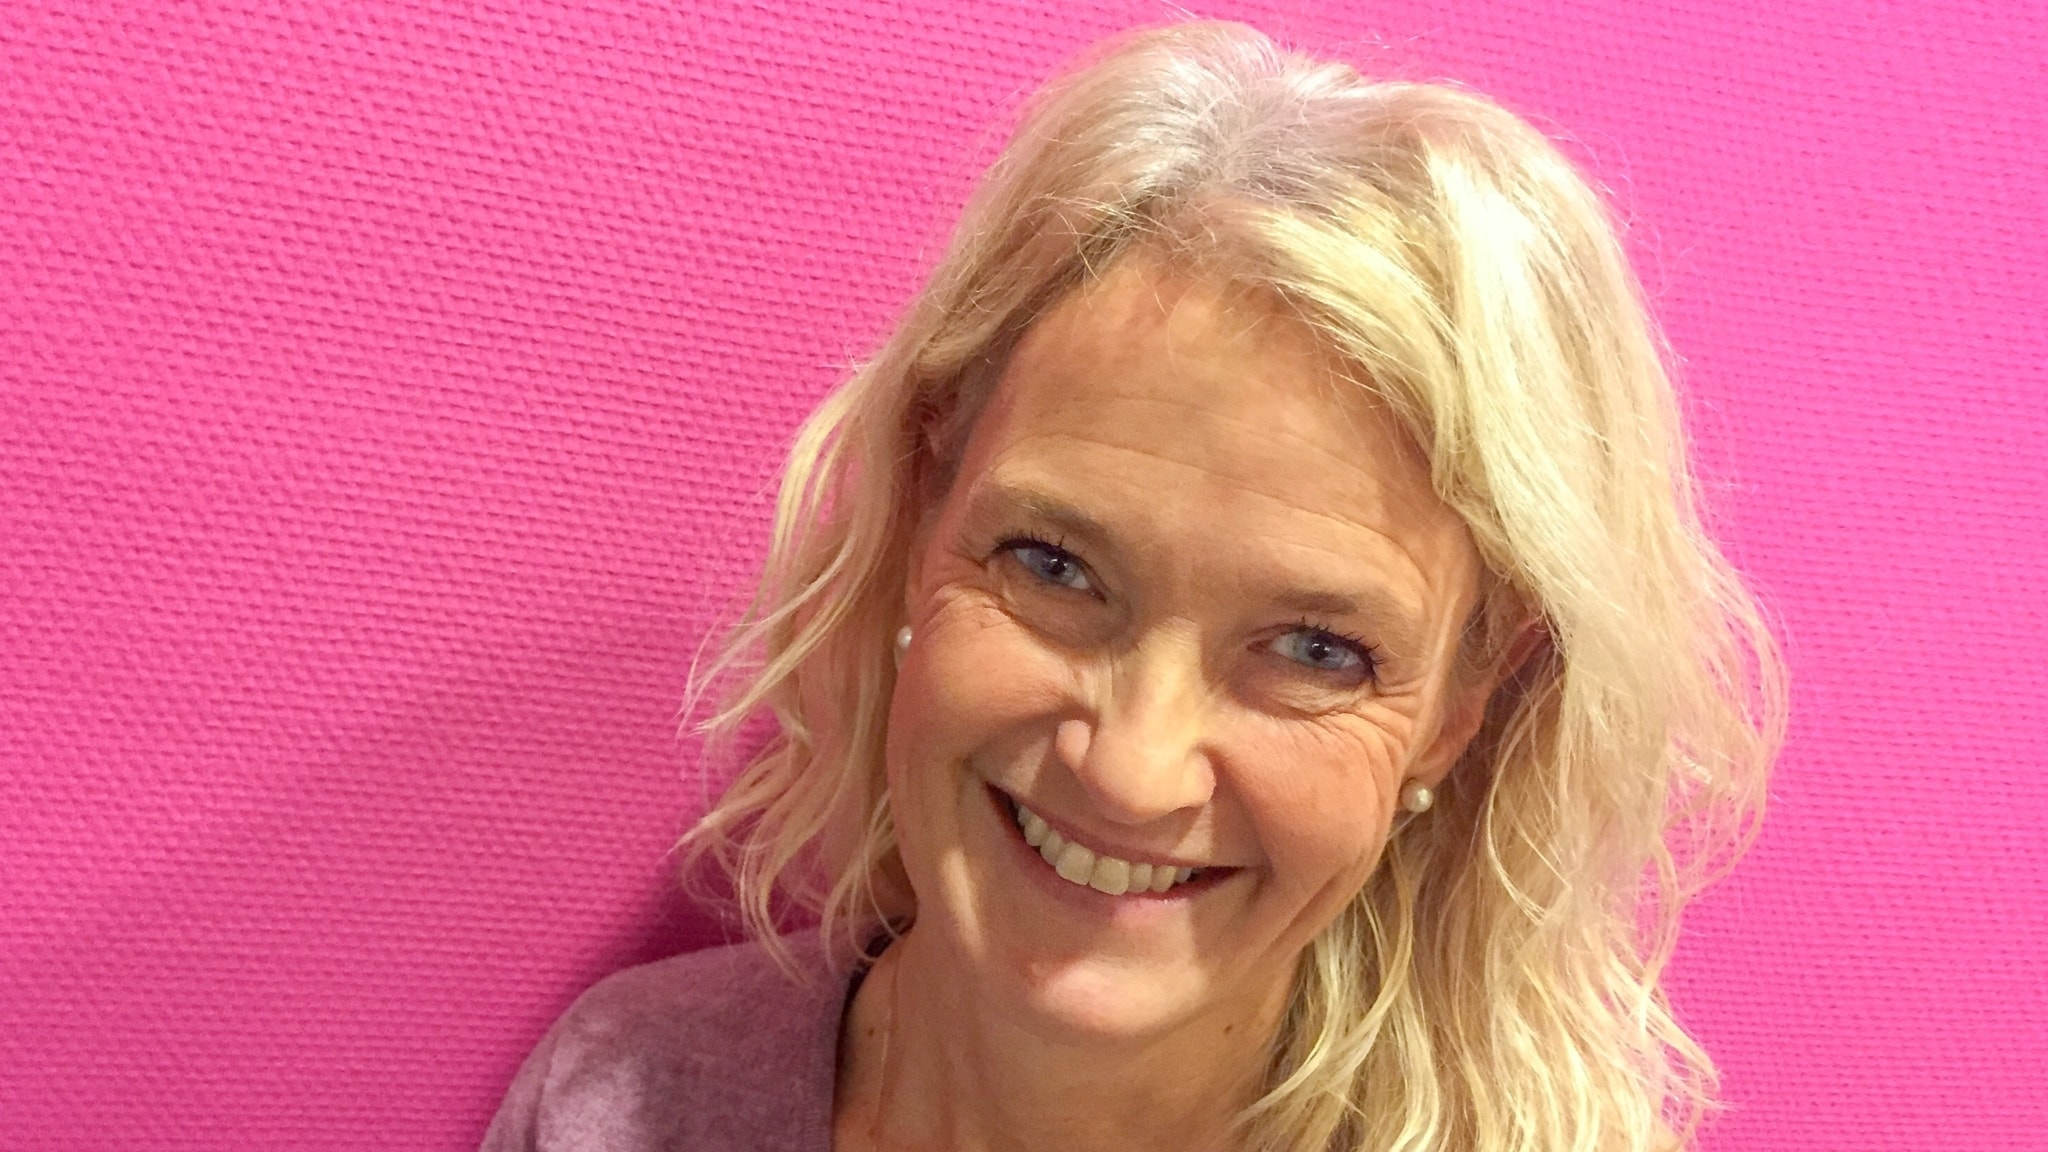 Sverige maste kraftsamla for att stoppa barnfetman